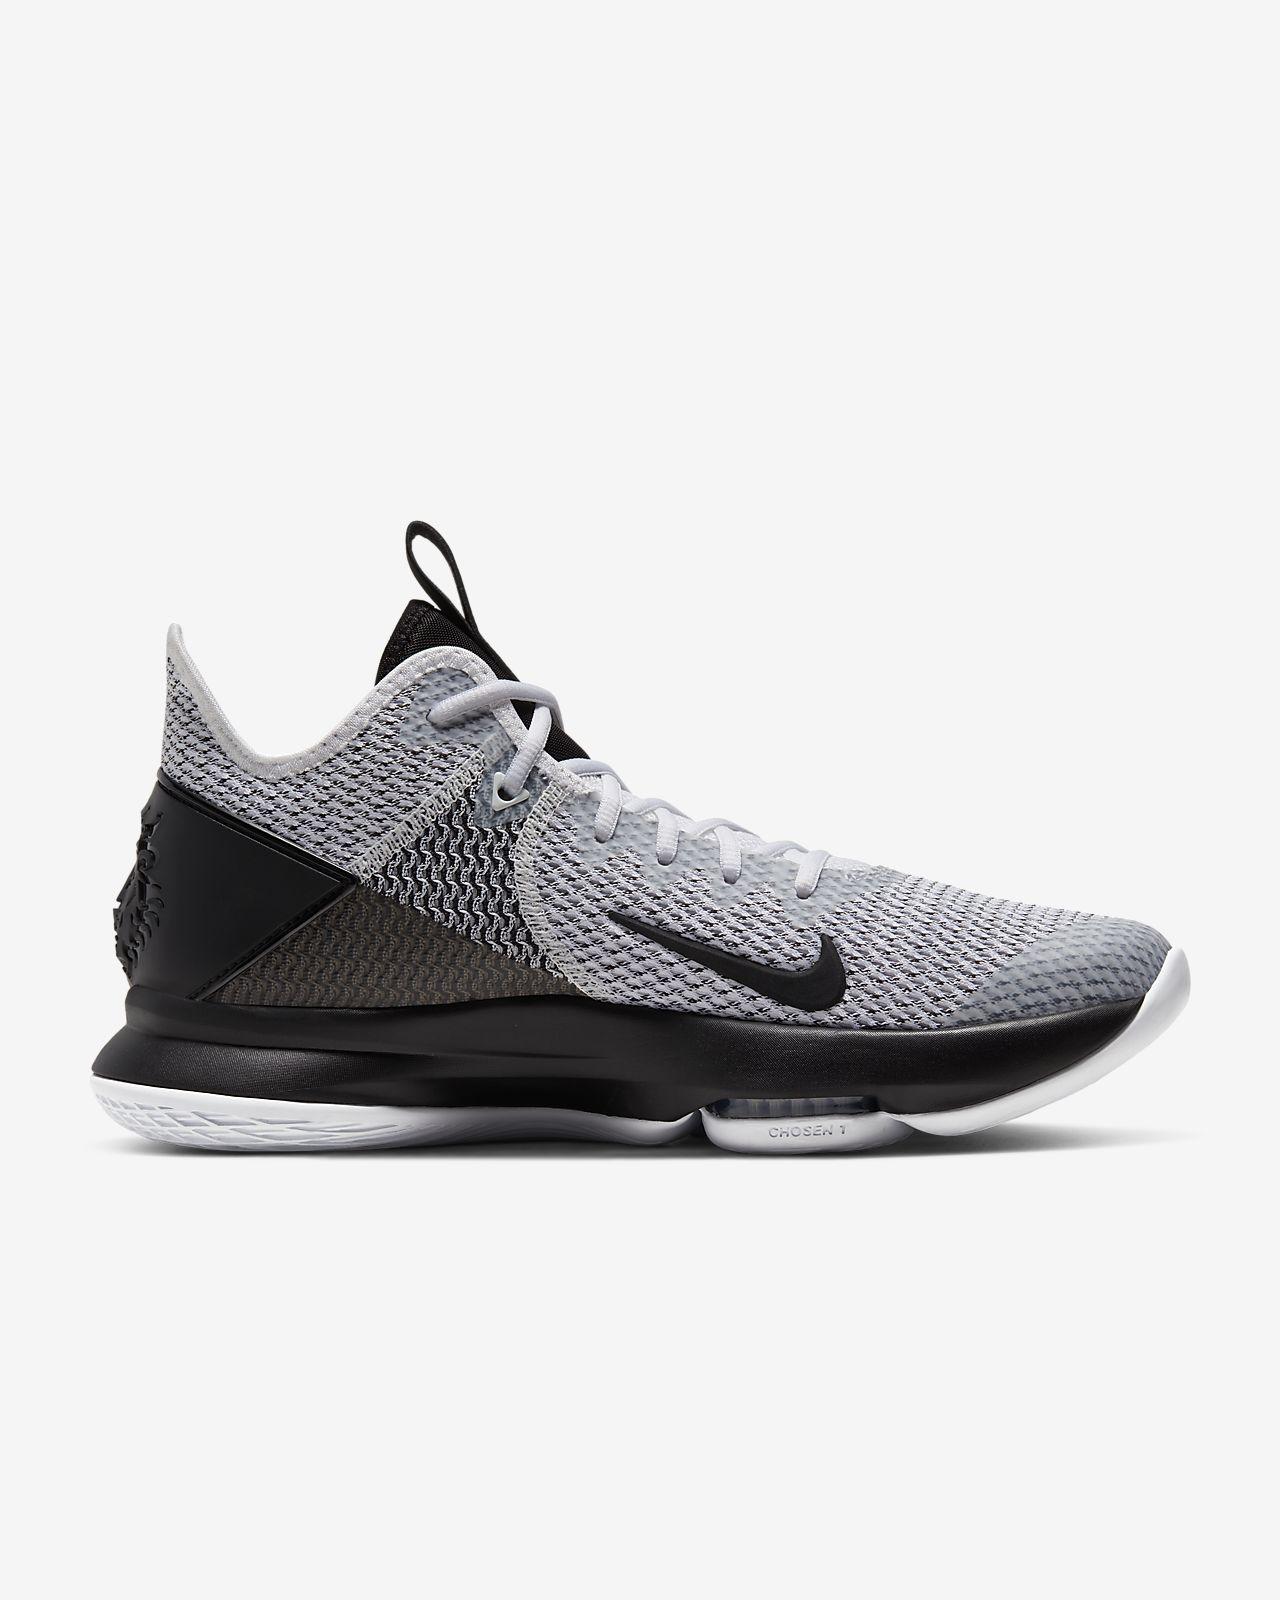 Chaussure de basketball LeBron Witness 4